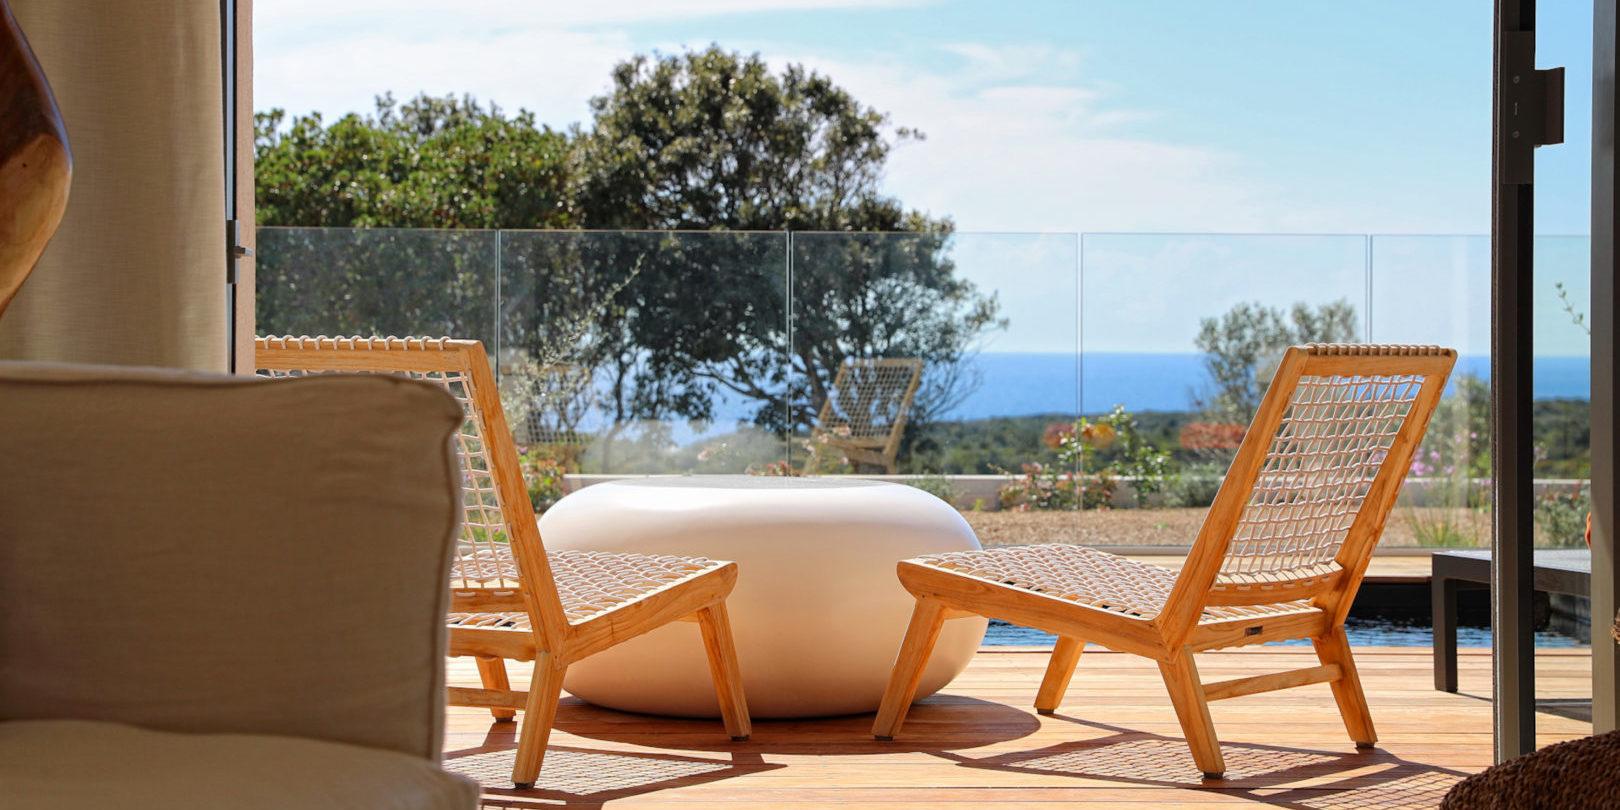 Hotel Cala di Greco Bonifacio Corsica Zuid-Corsica Frankrijk suite terras design meubels zeezicht maquis